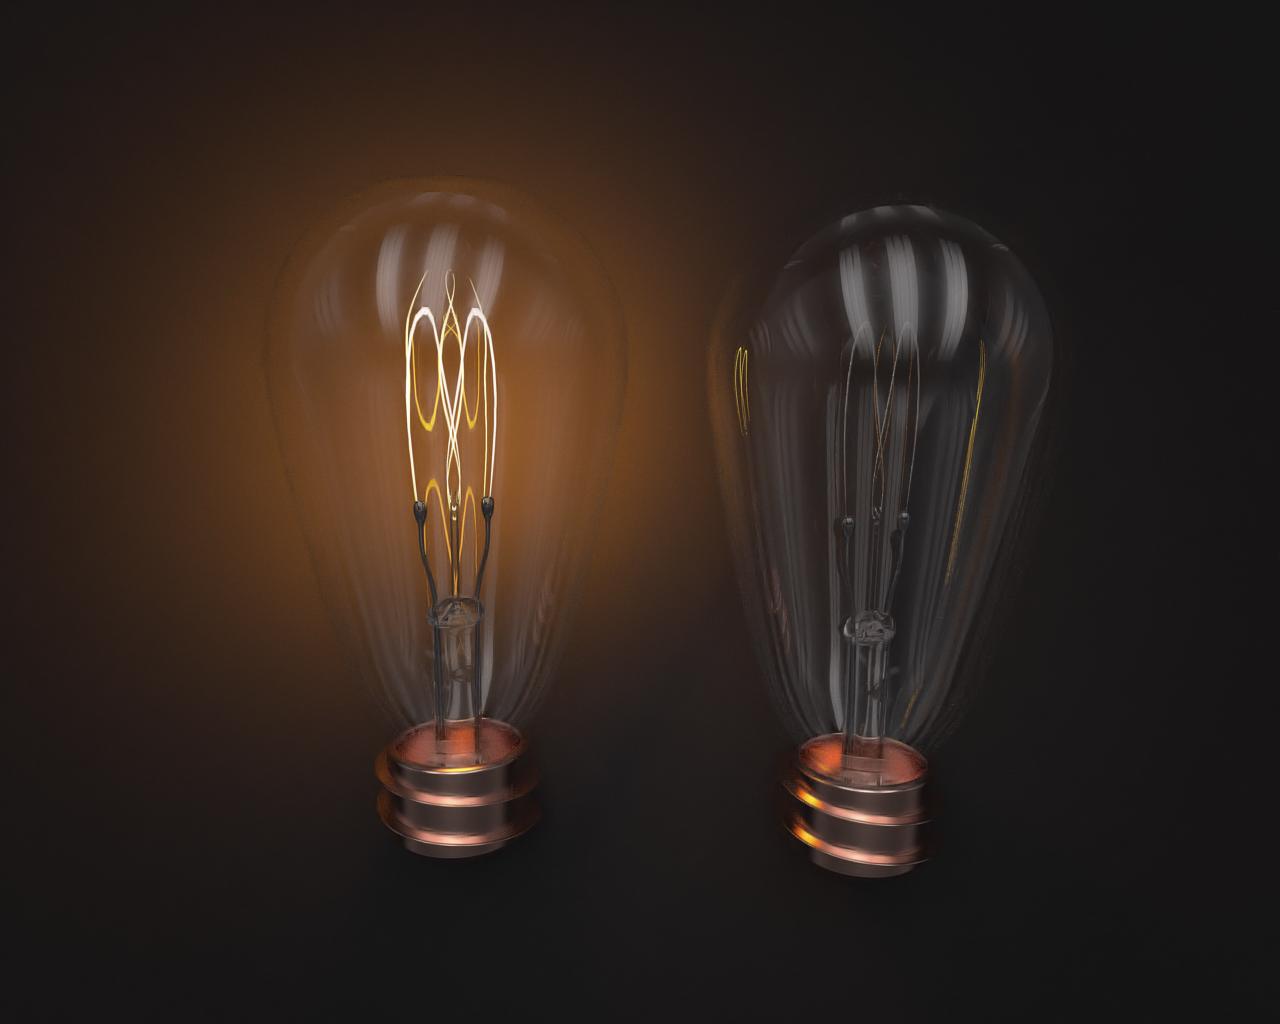 An Illuminating Idea